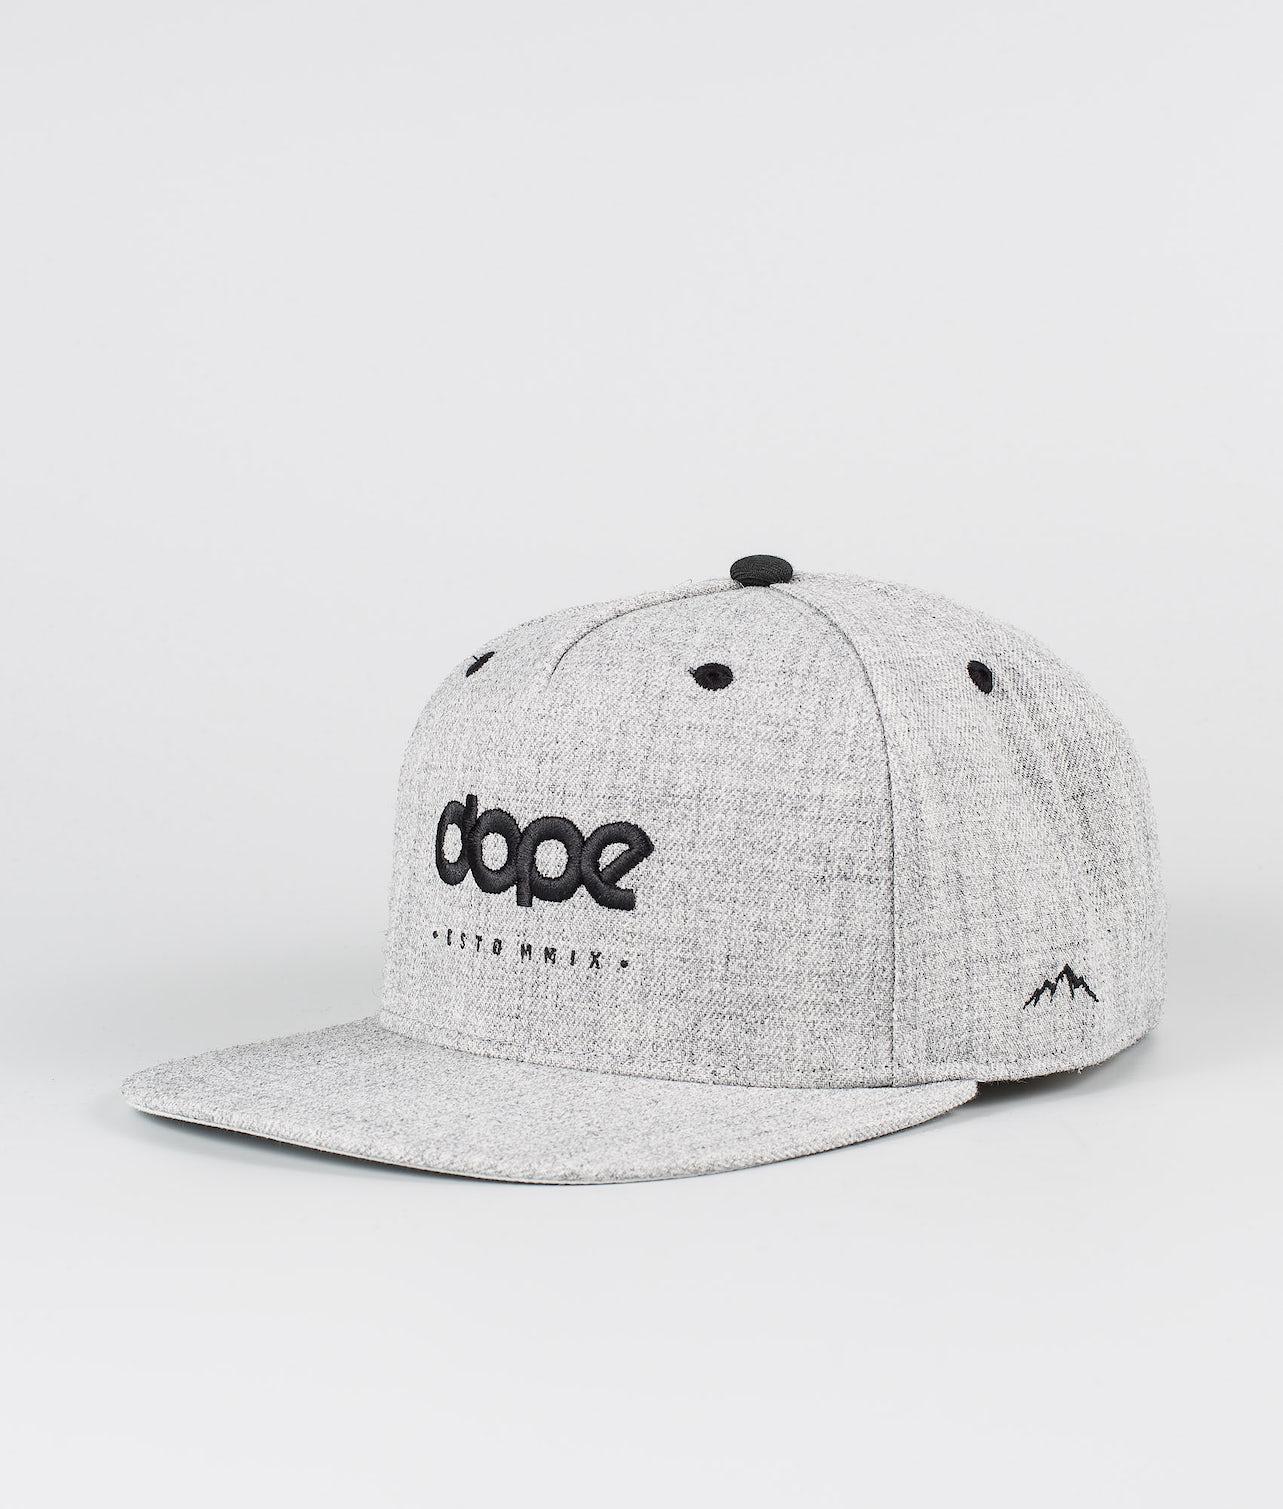 Kjøp Dope OG Caps fra Dope på Ridestore.no - Hos oss har du alltid fri frakt, fri retur og 30 dagers åpent kjøp!